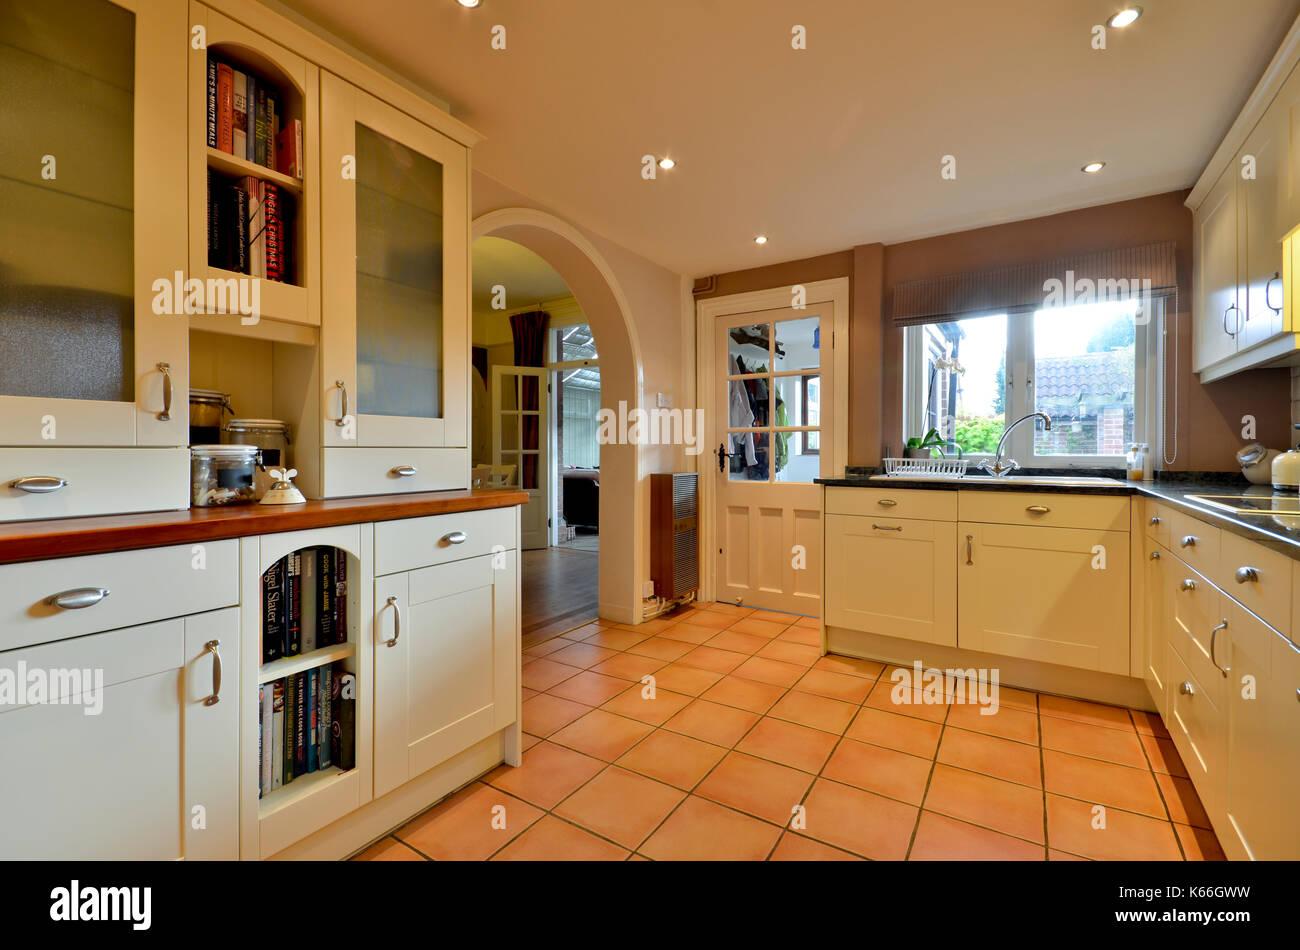 Fantastisch Küchenwand Lackfarben Mit Sahne Schränke Fotos - Ideen ...